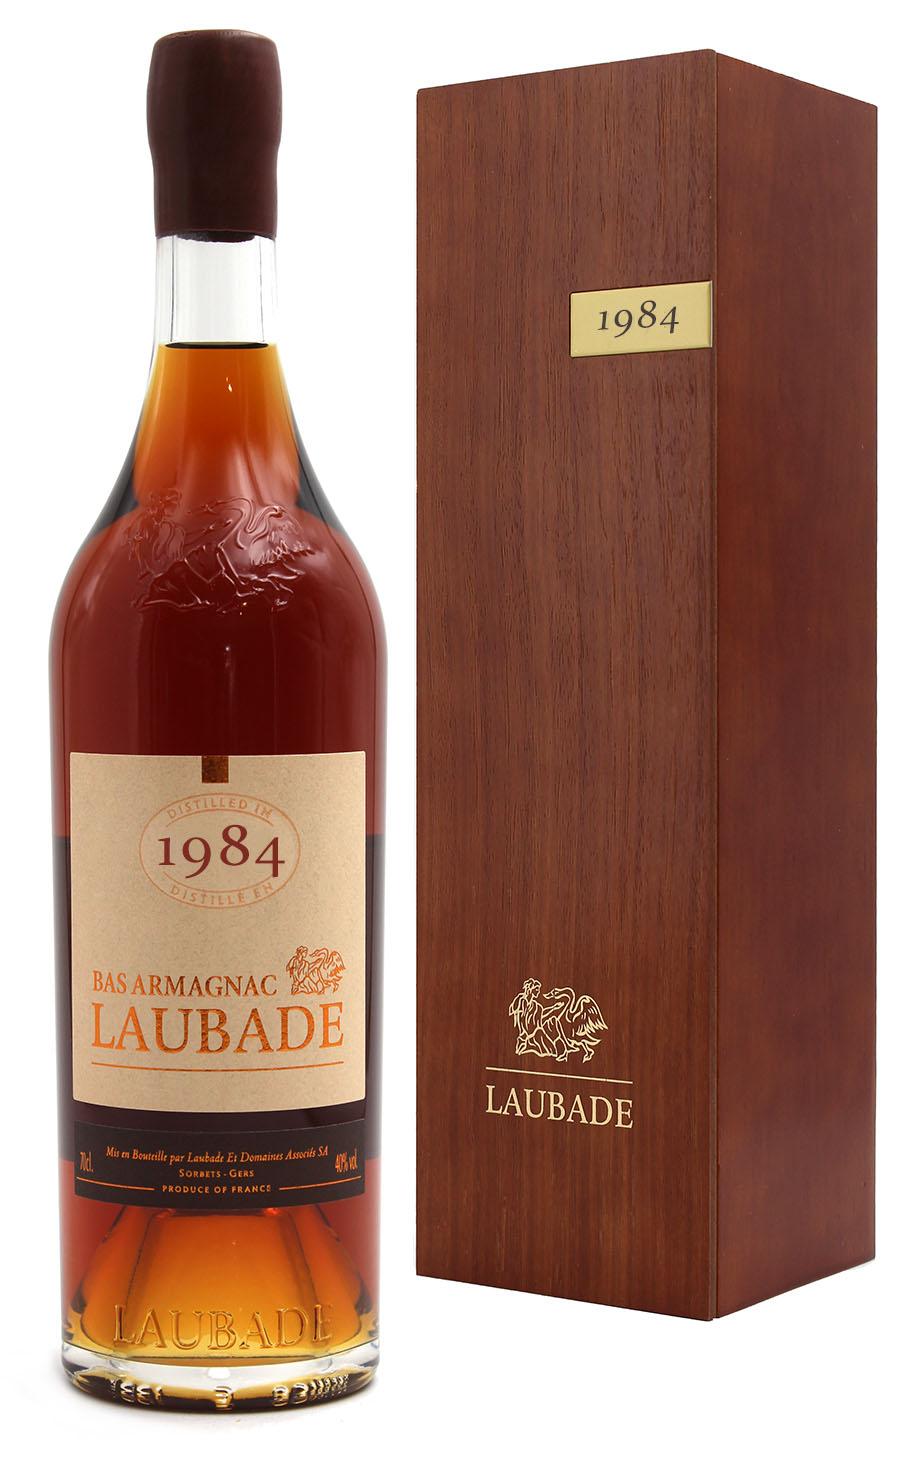 Bas Armagnac Laubade 1984  - 70cl